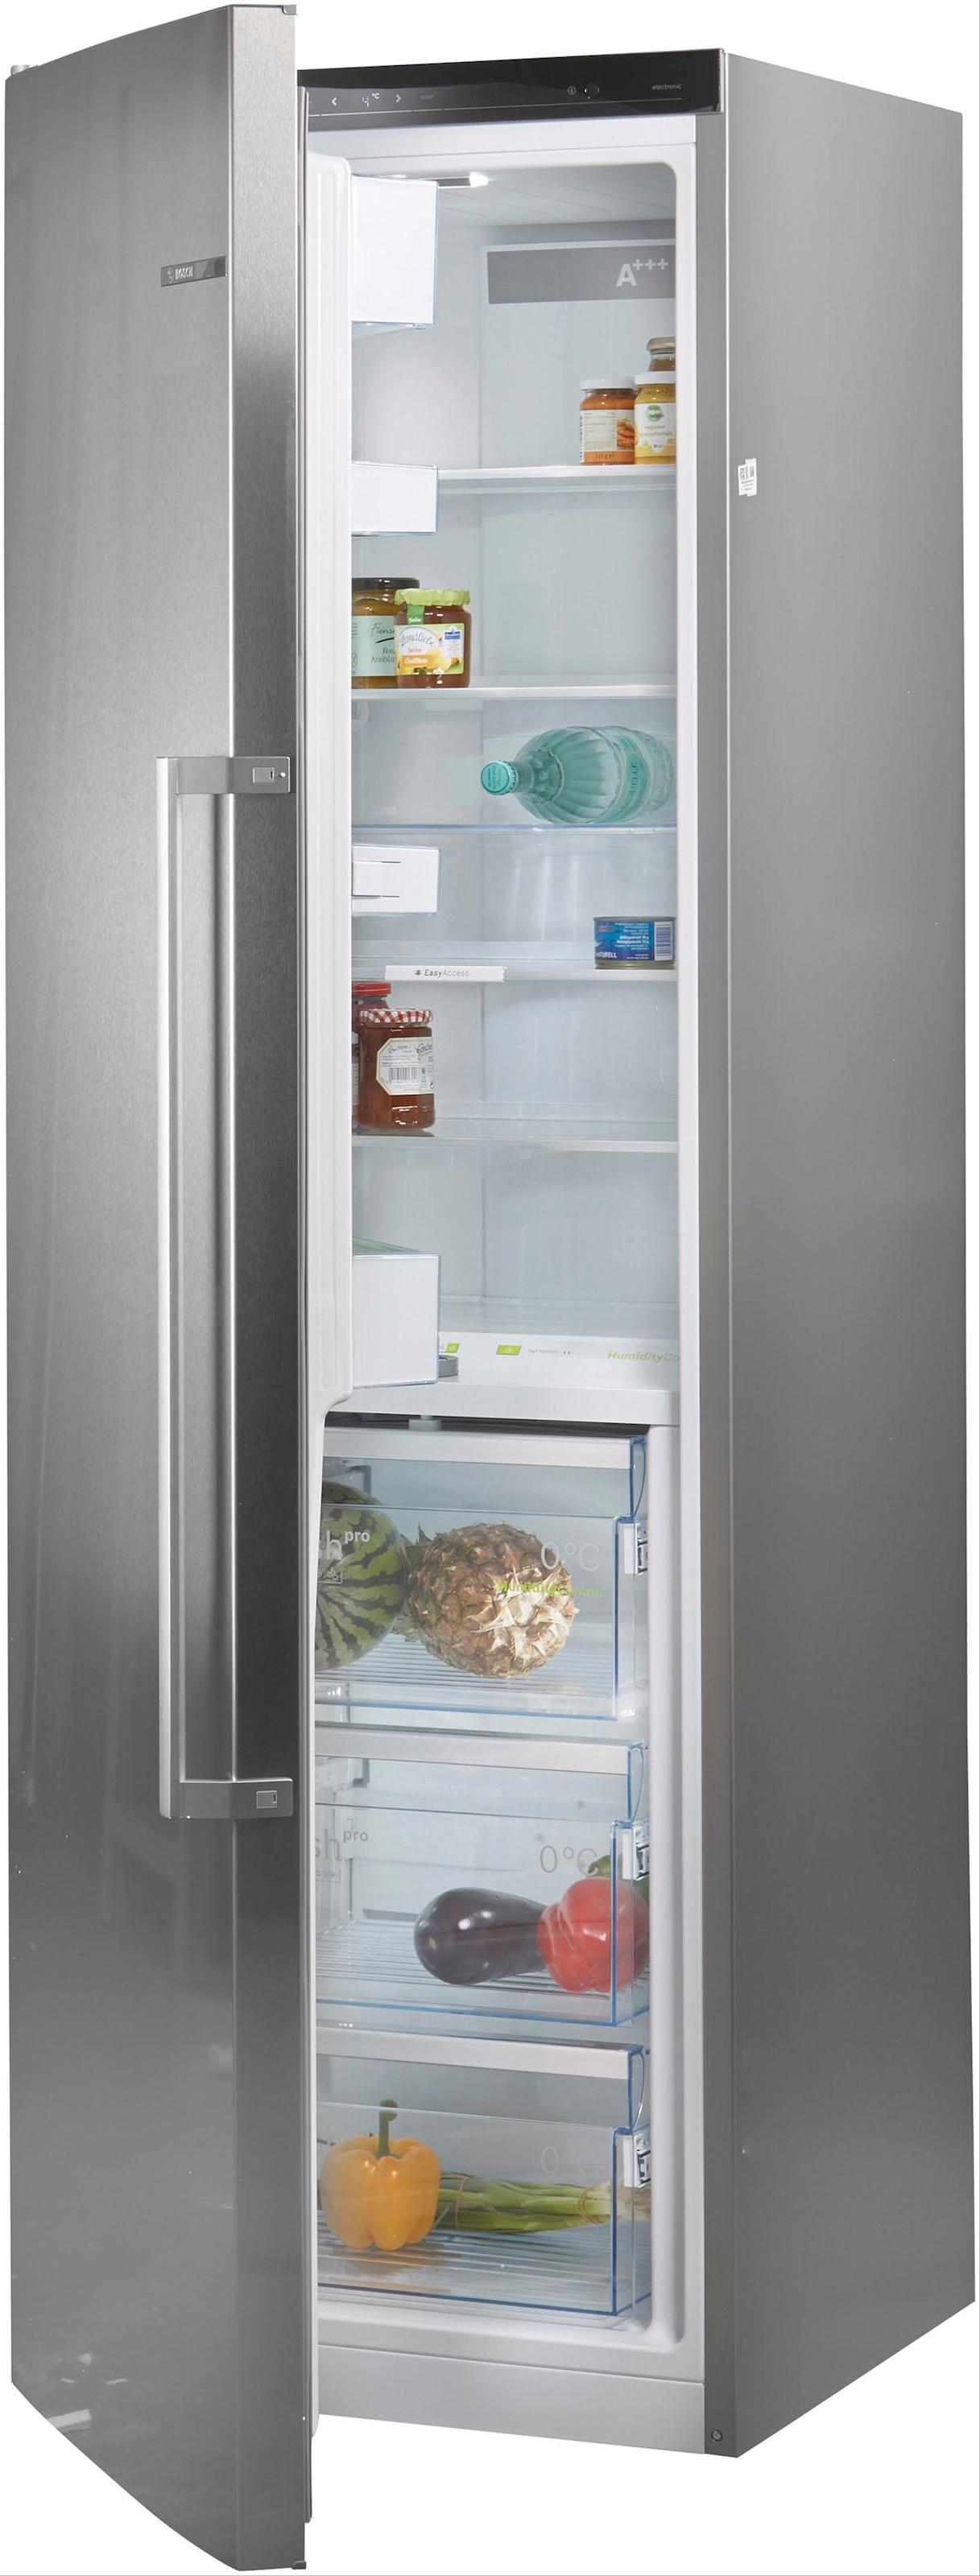 Smeg Kühlschrank Liegend Transportieren : Bosch kühlschrank serie cm hoch cm breit per rechnung